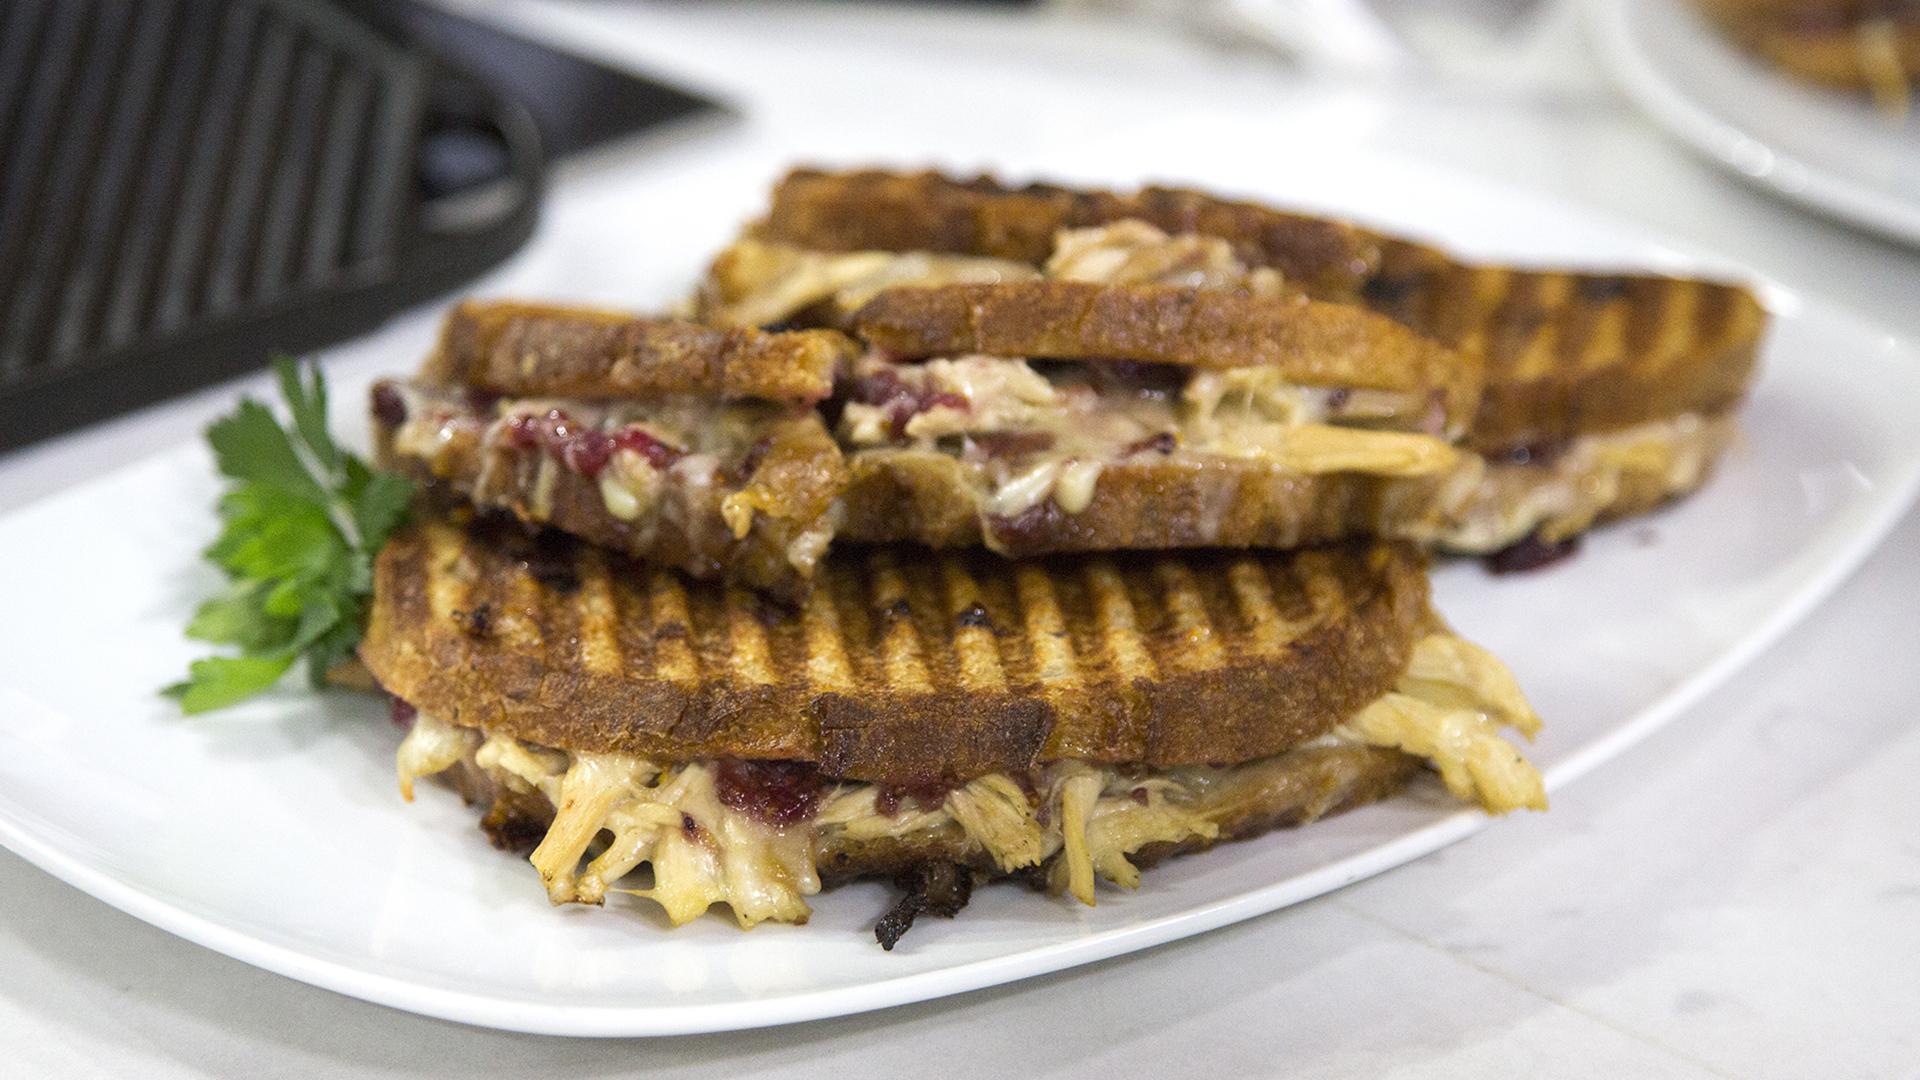 Sandwich Recipes - TODAY.com